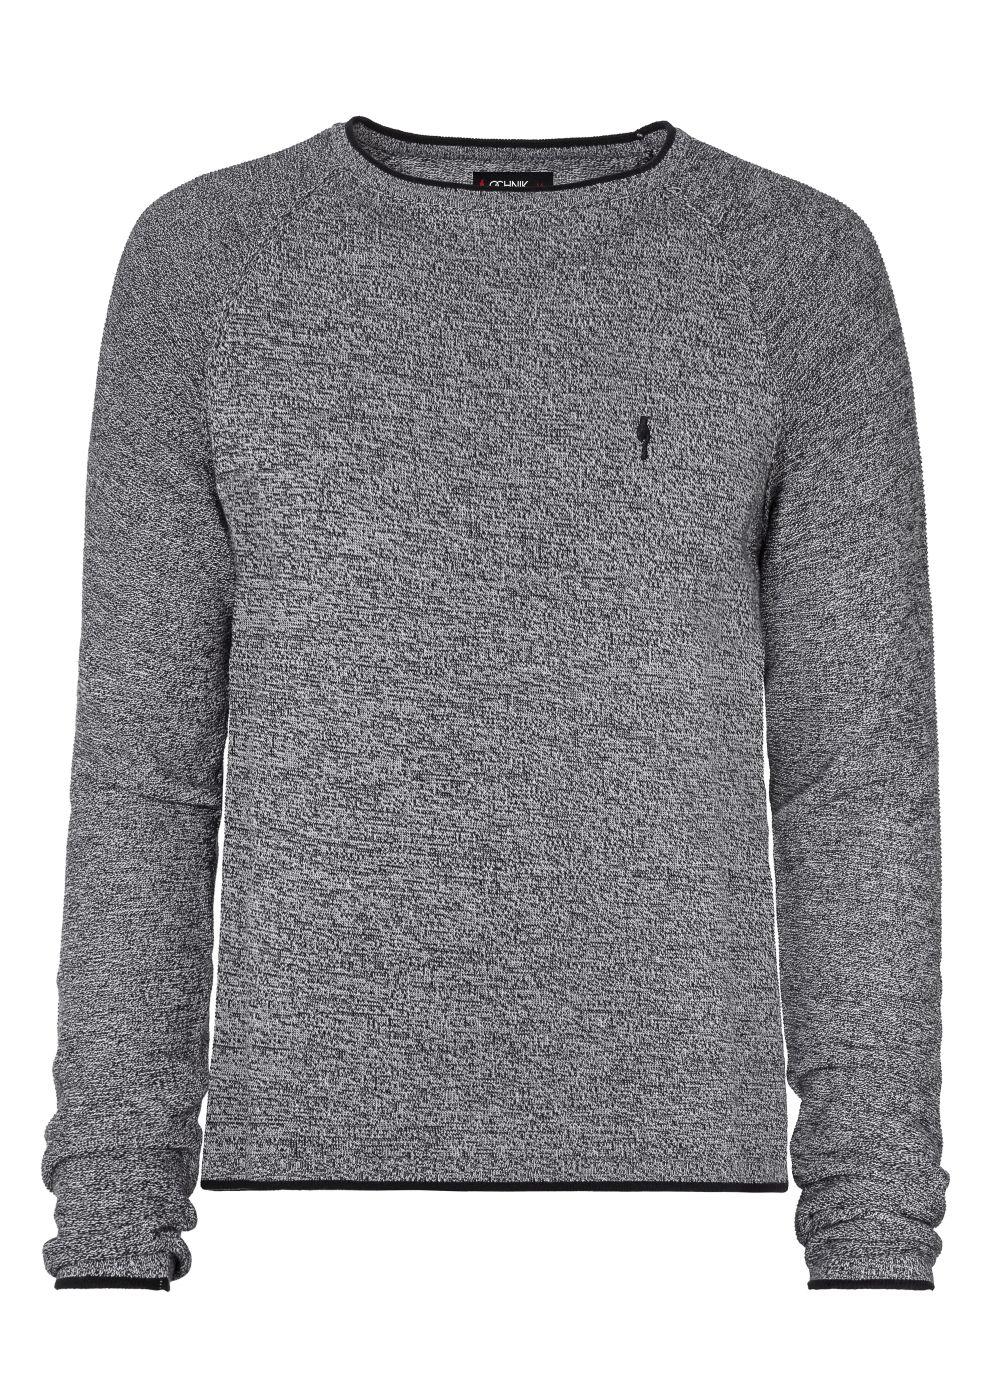 Sweter męski SWEMT-0079-91(W21)